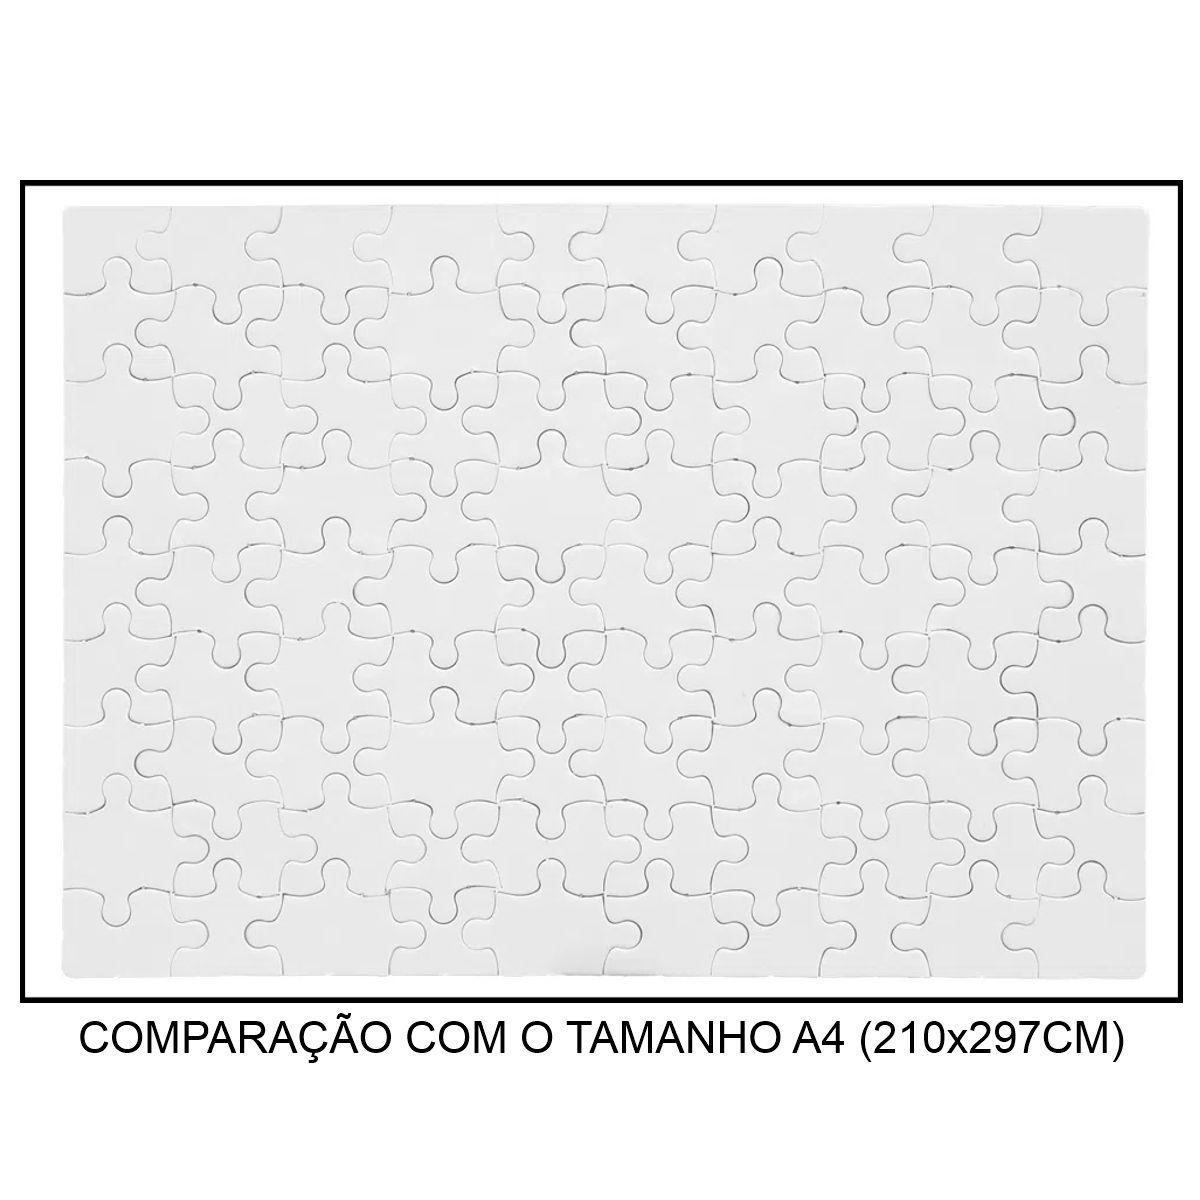 QUEBRA-CABEÇA BRANCO PARA SUBLIMAÇÃO - TAMANHO: 19x27CM (A4) - 90 PEÇAS